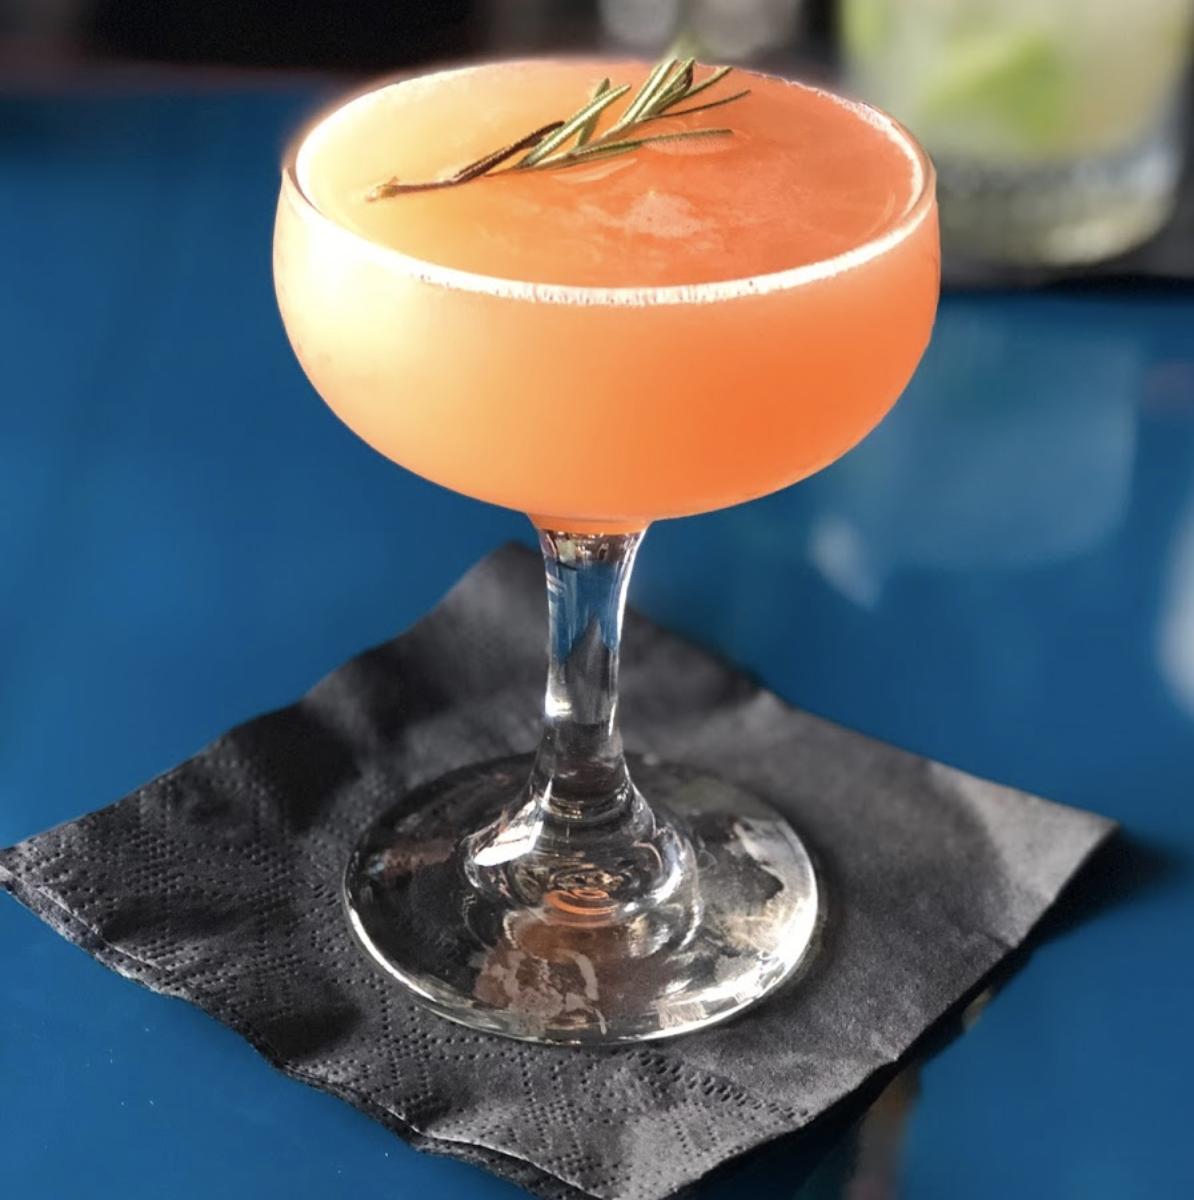 Sundown Bar